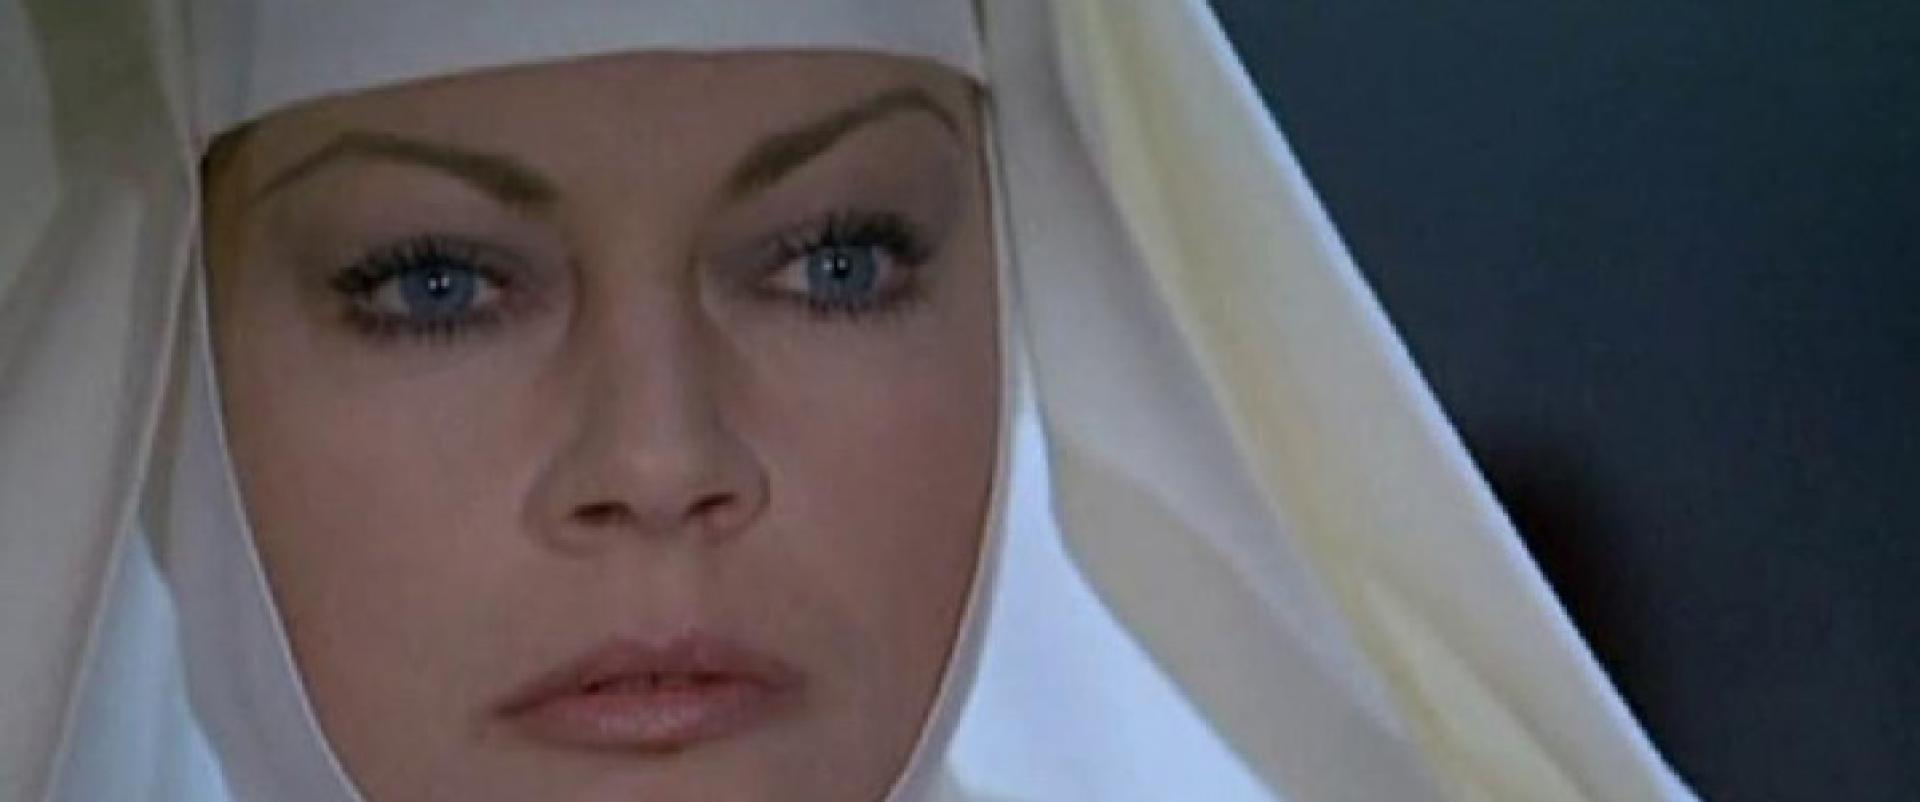 Suor Omicidi - A gyilkos apáca (1979)